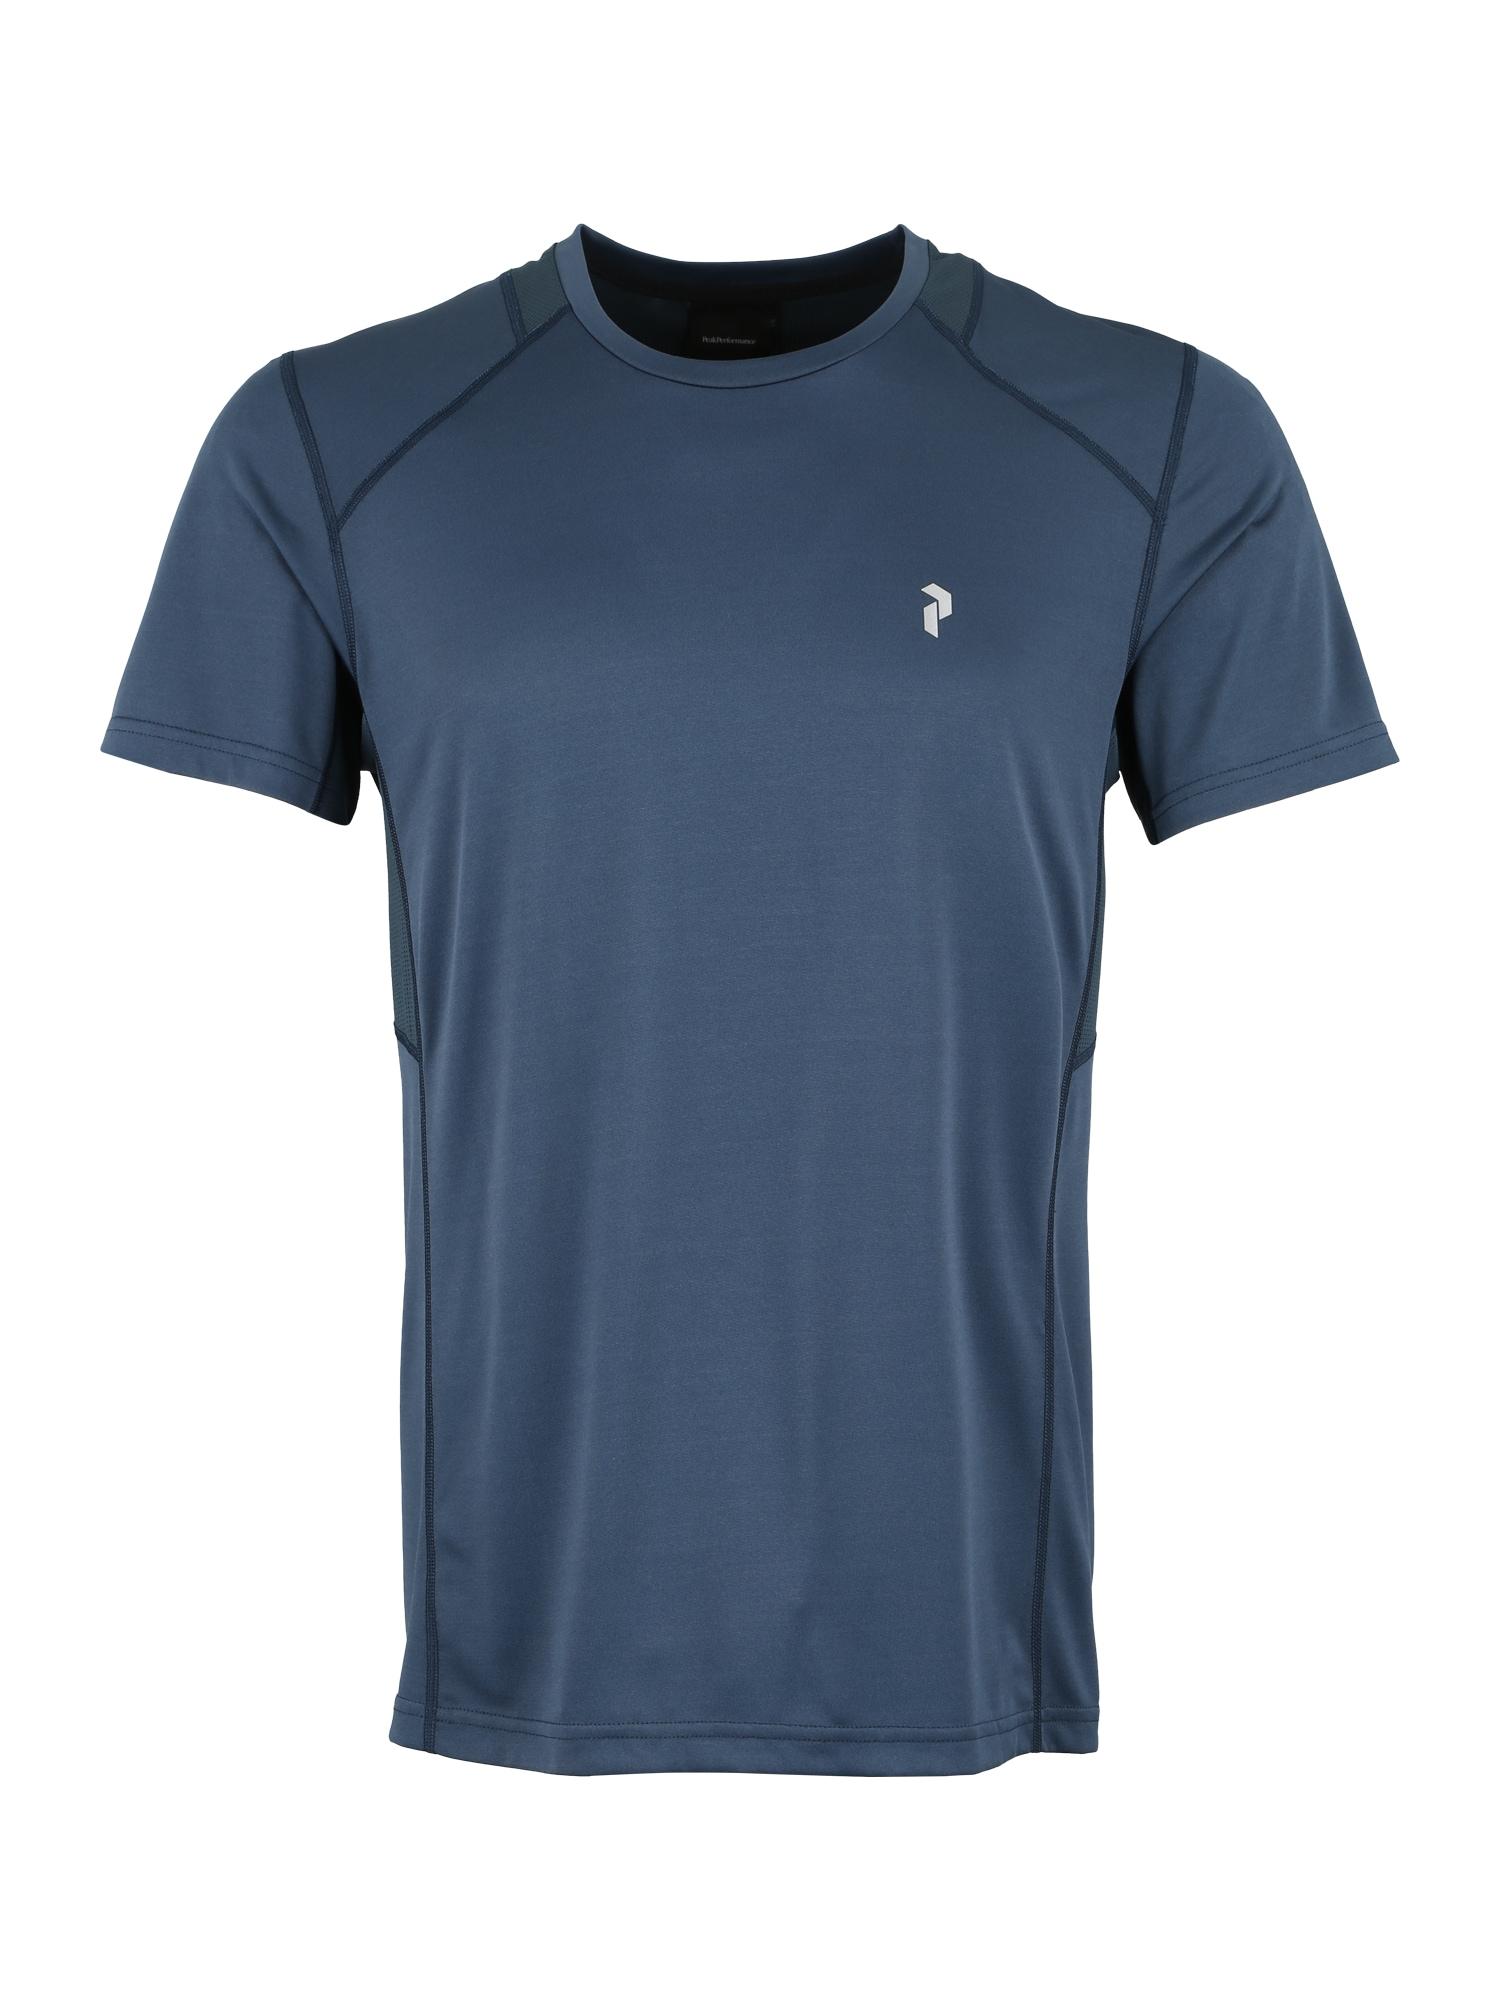 Funkční tričko REACT tmavě modrá bílá PEAK PERFORMANCE